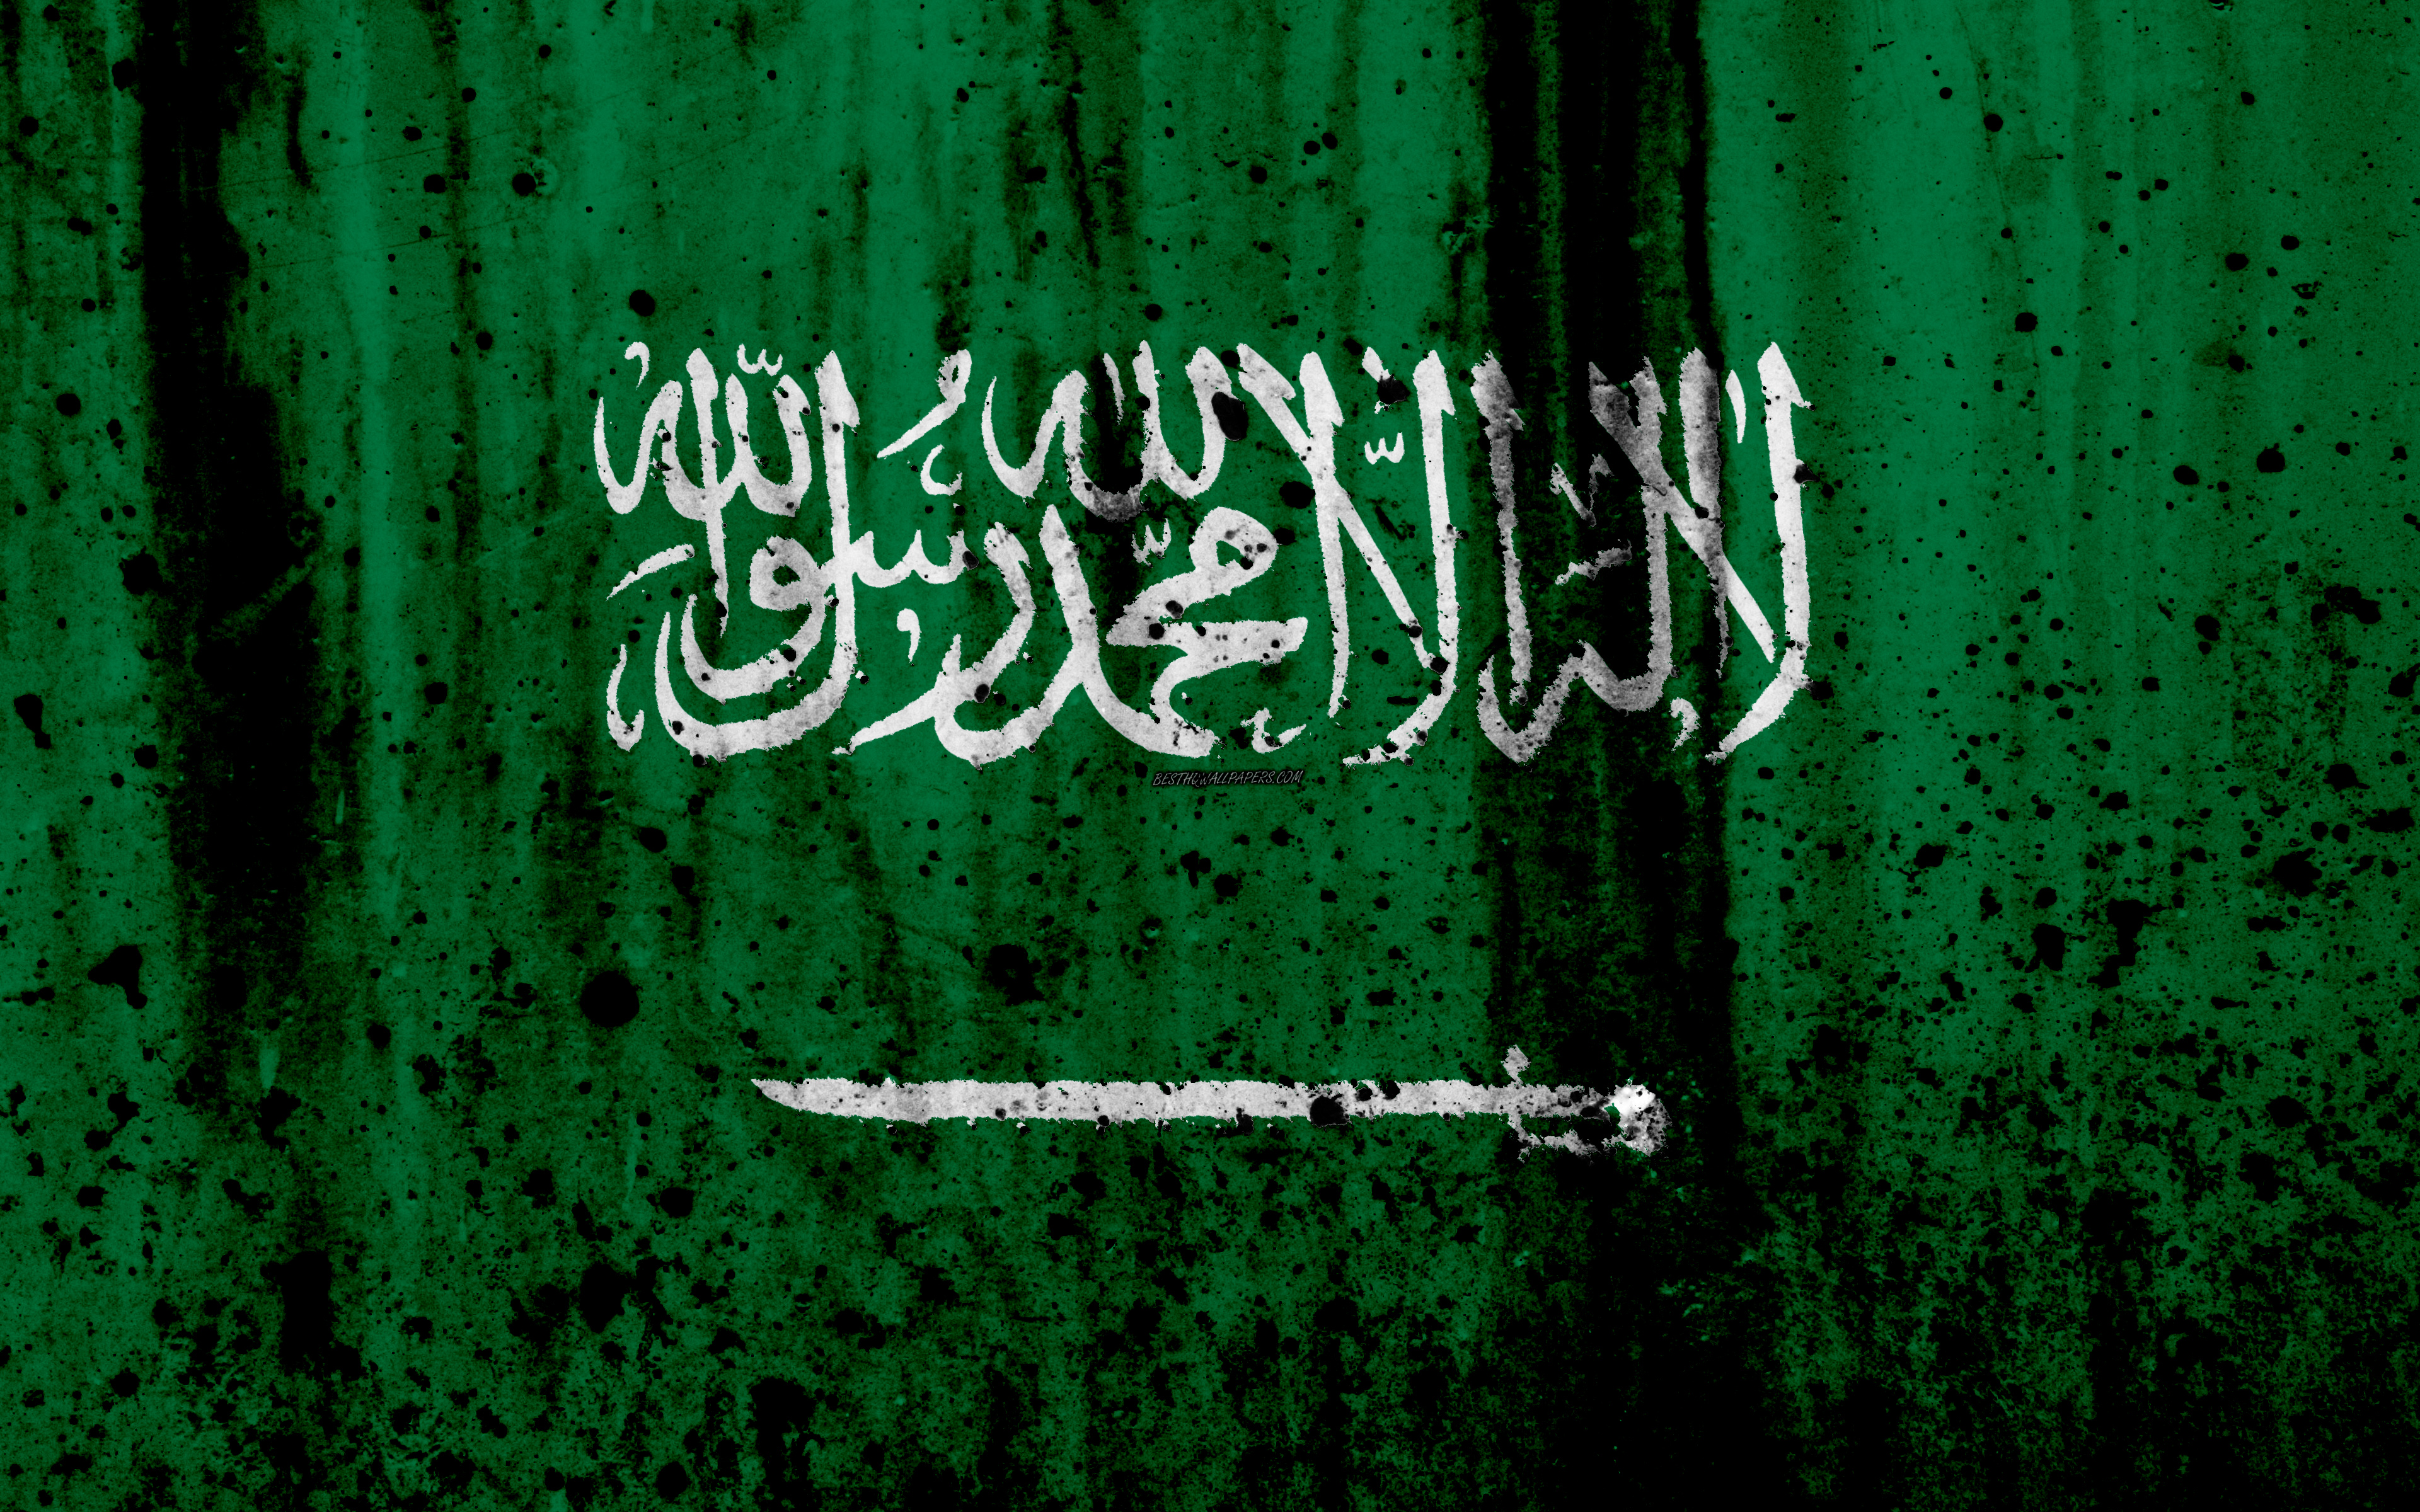 الصور علم المملكة العربية السعودية